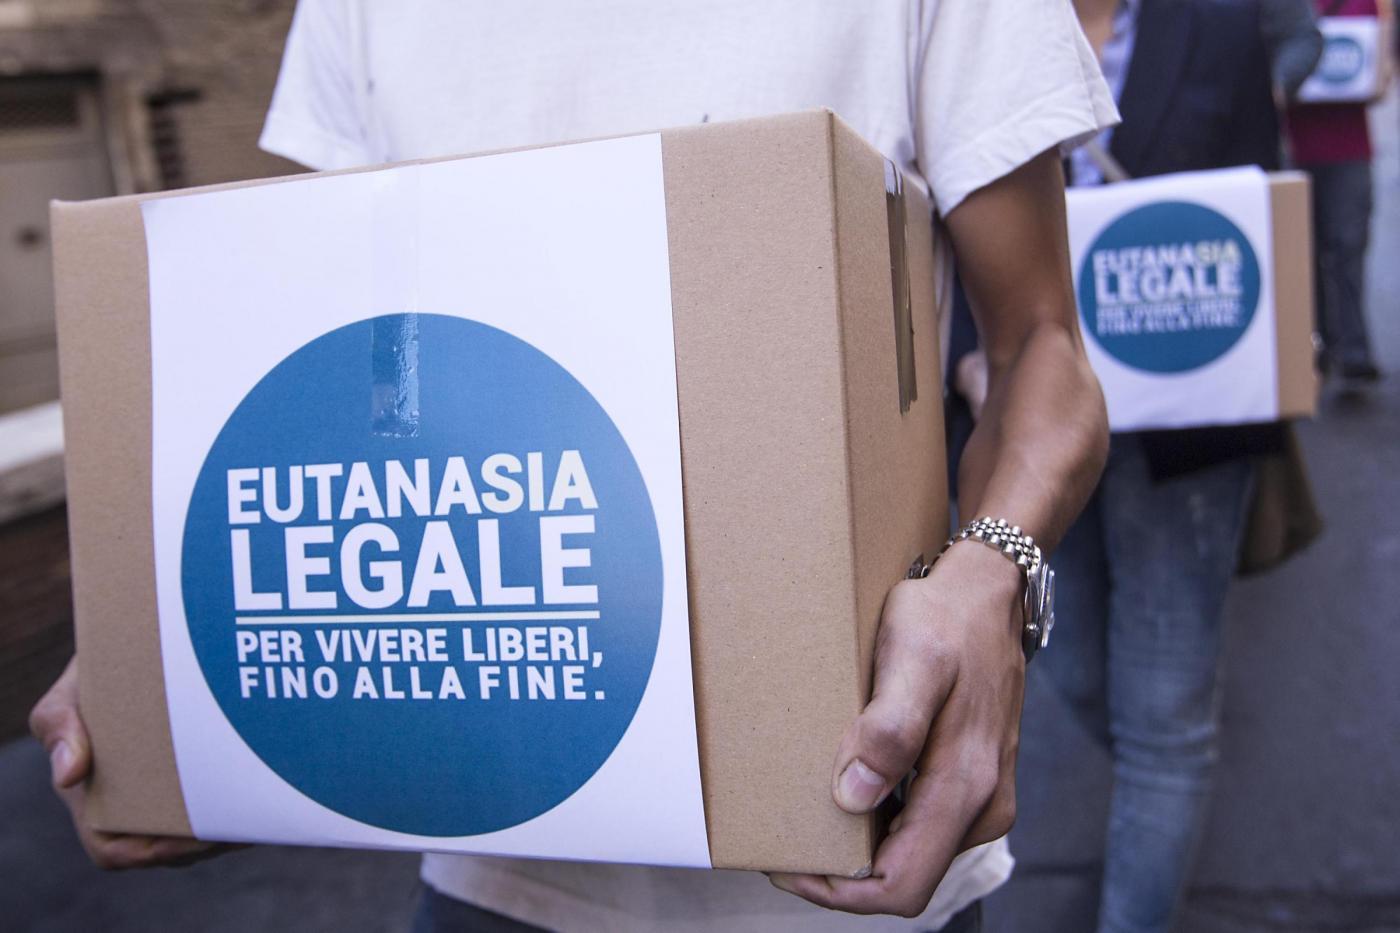 Legalizzazione dell'eutanasia, il 60% degli italiani si dichiara a favore